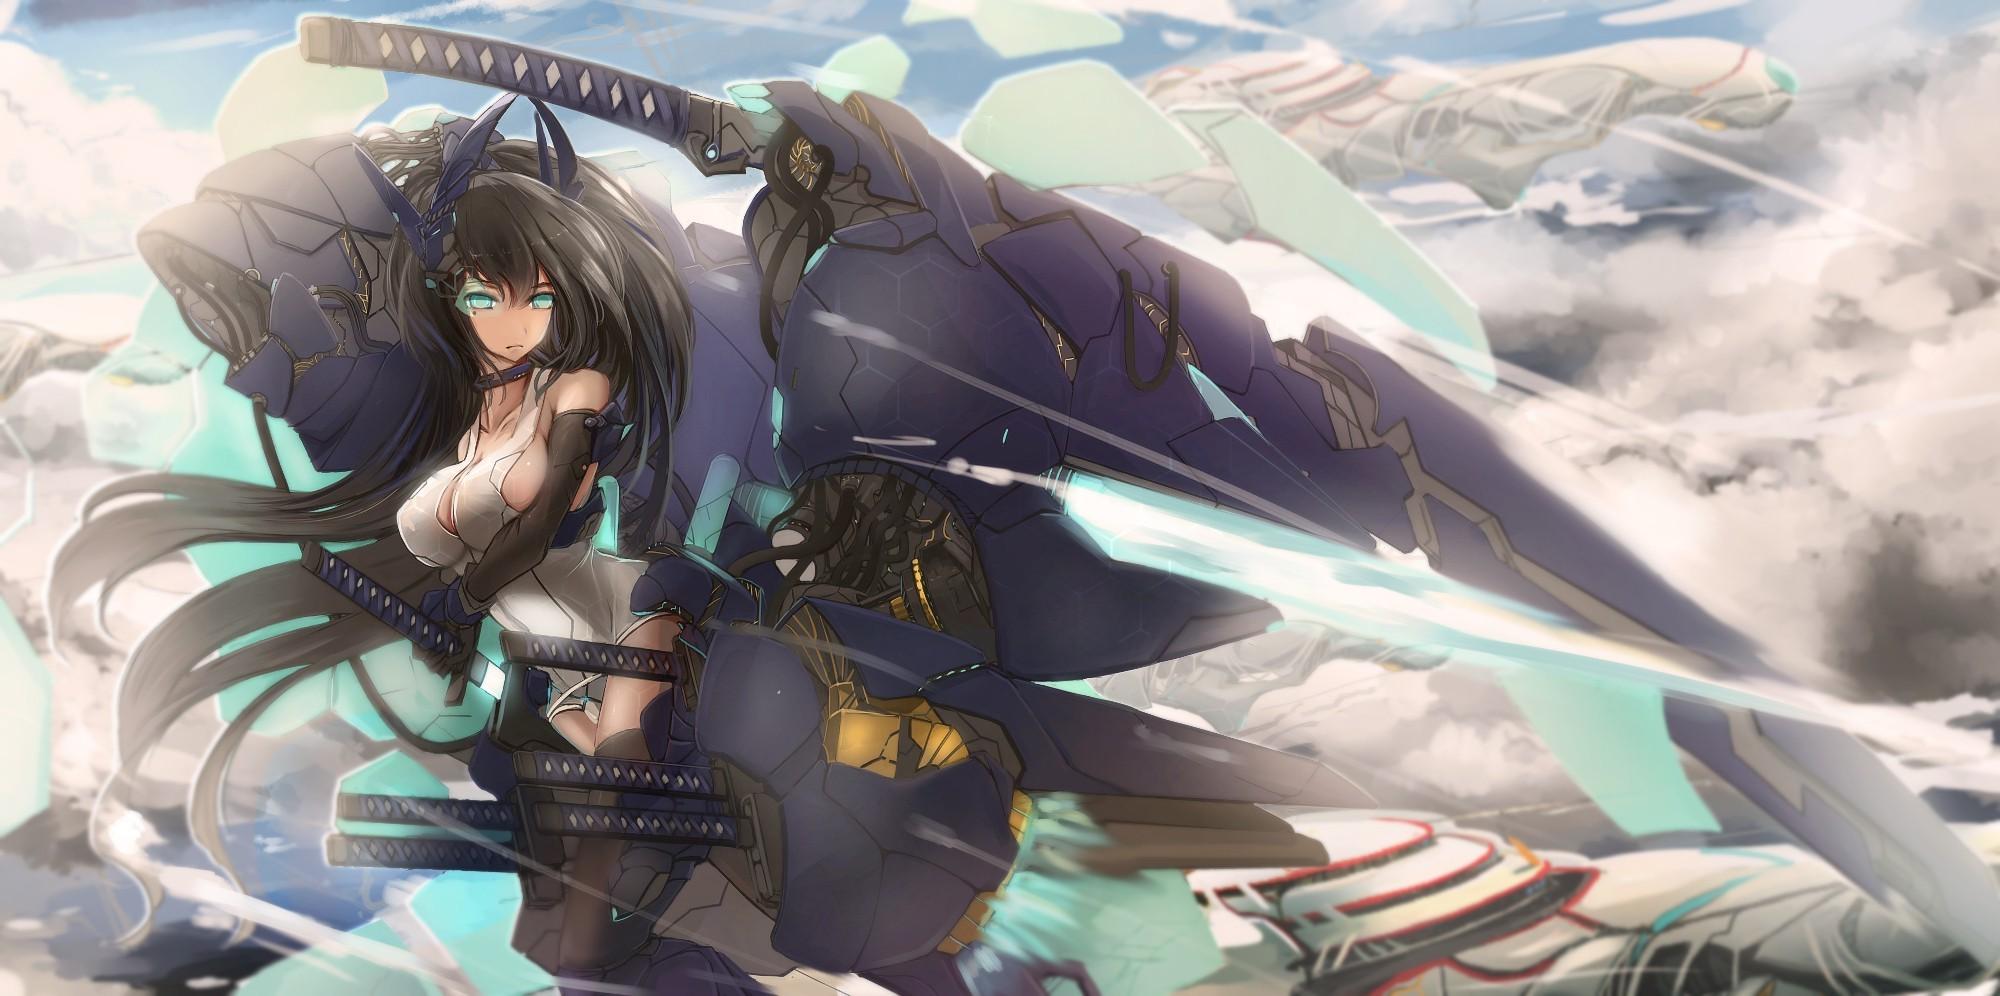 anime girls, Sword, Schoolgirls Wallpapers HD / Desktop